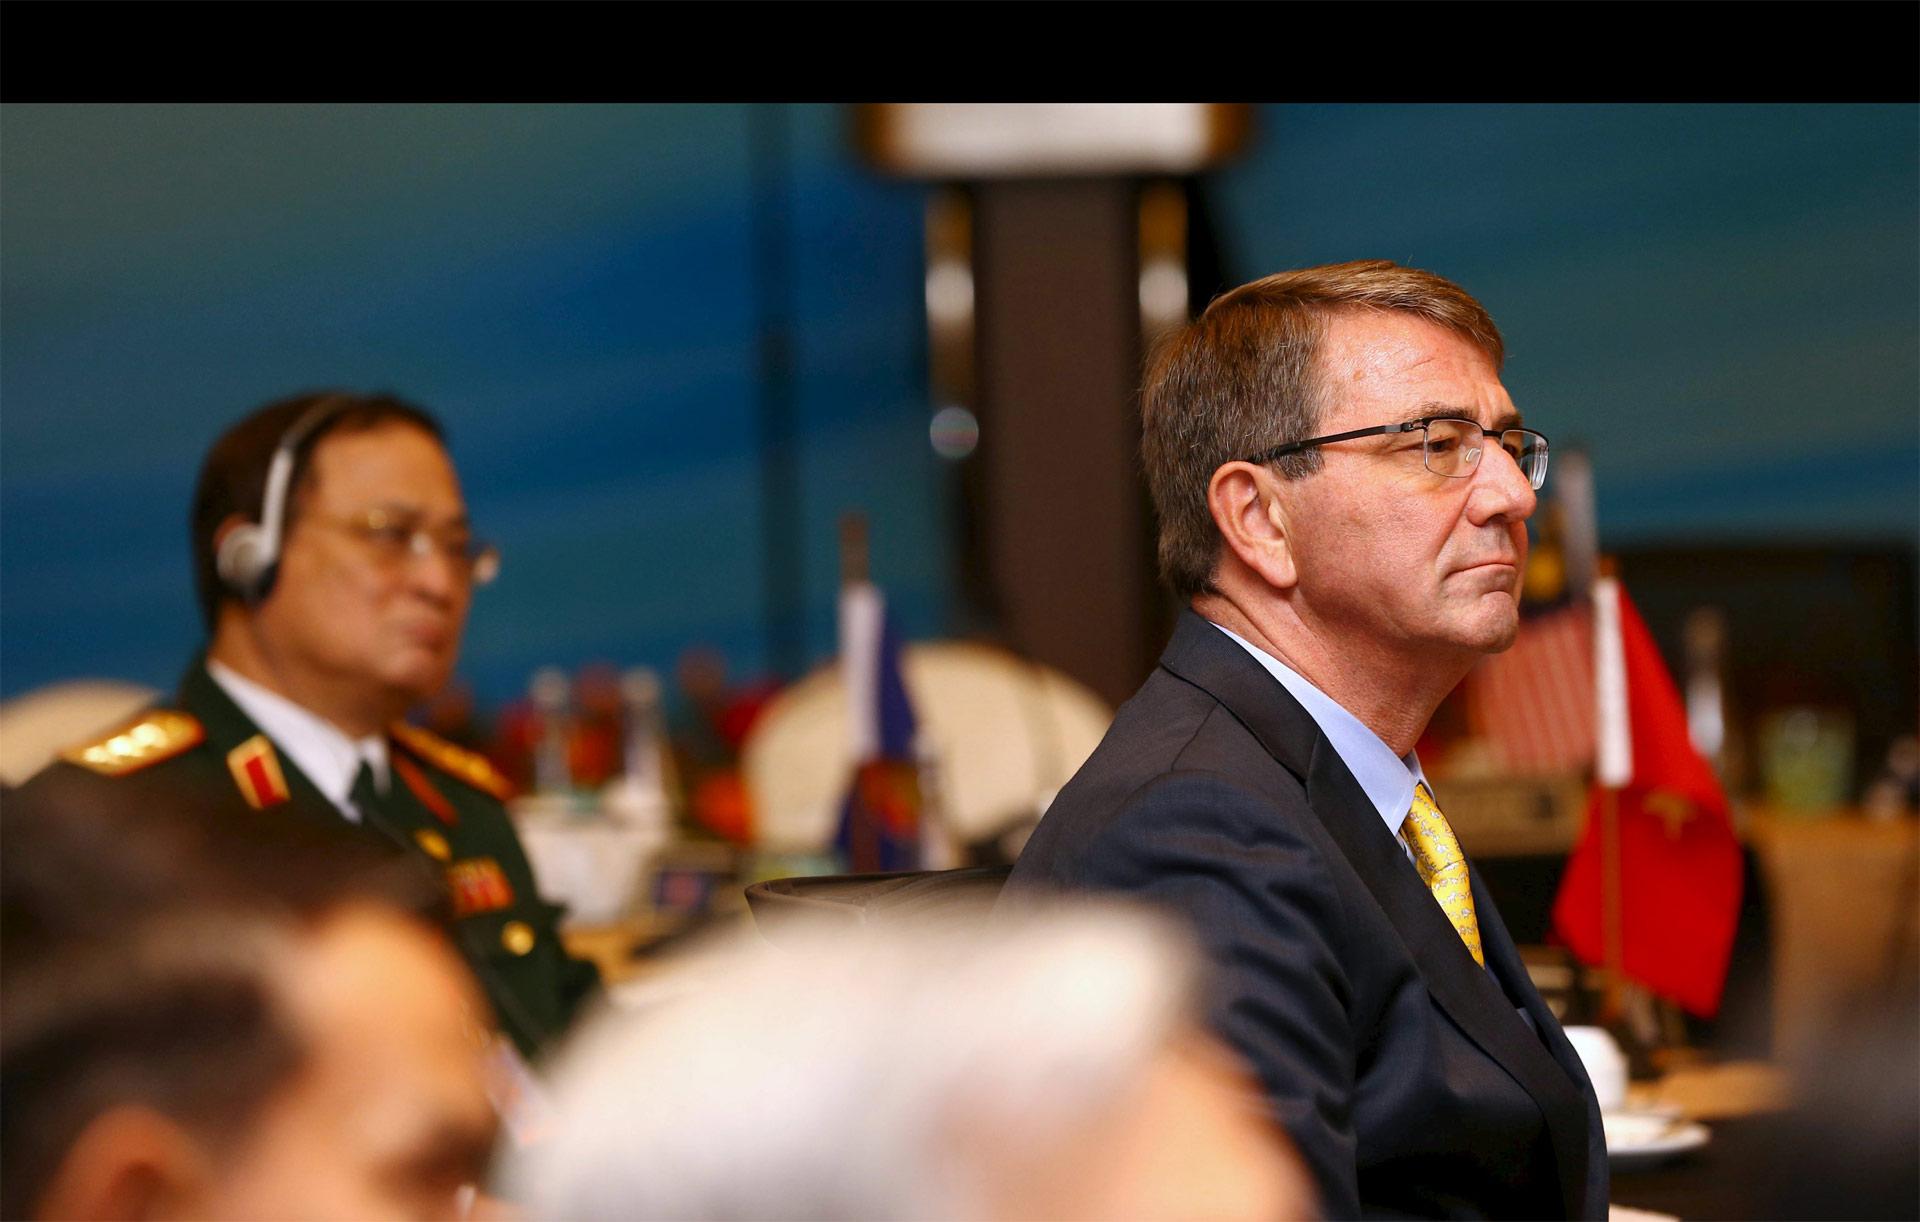 Estableció que todos los países deben ayudar a reforzar la lucha contra el EI